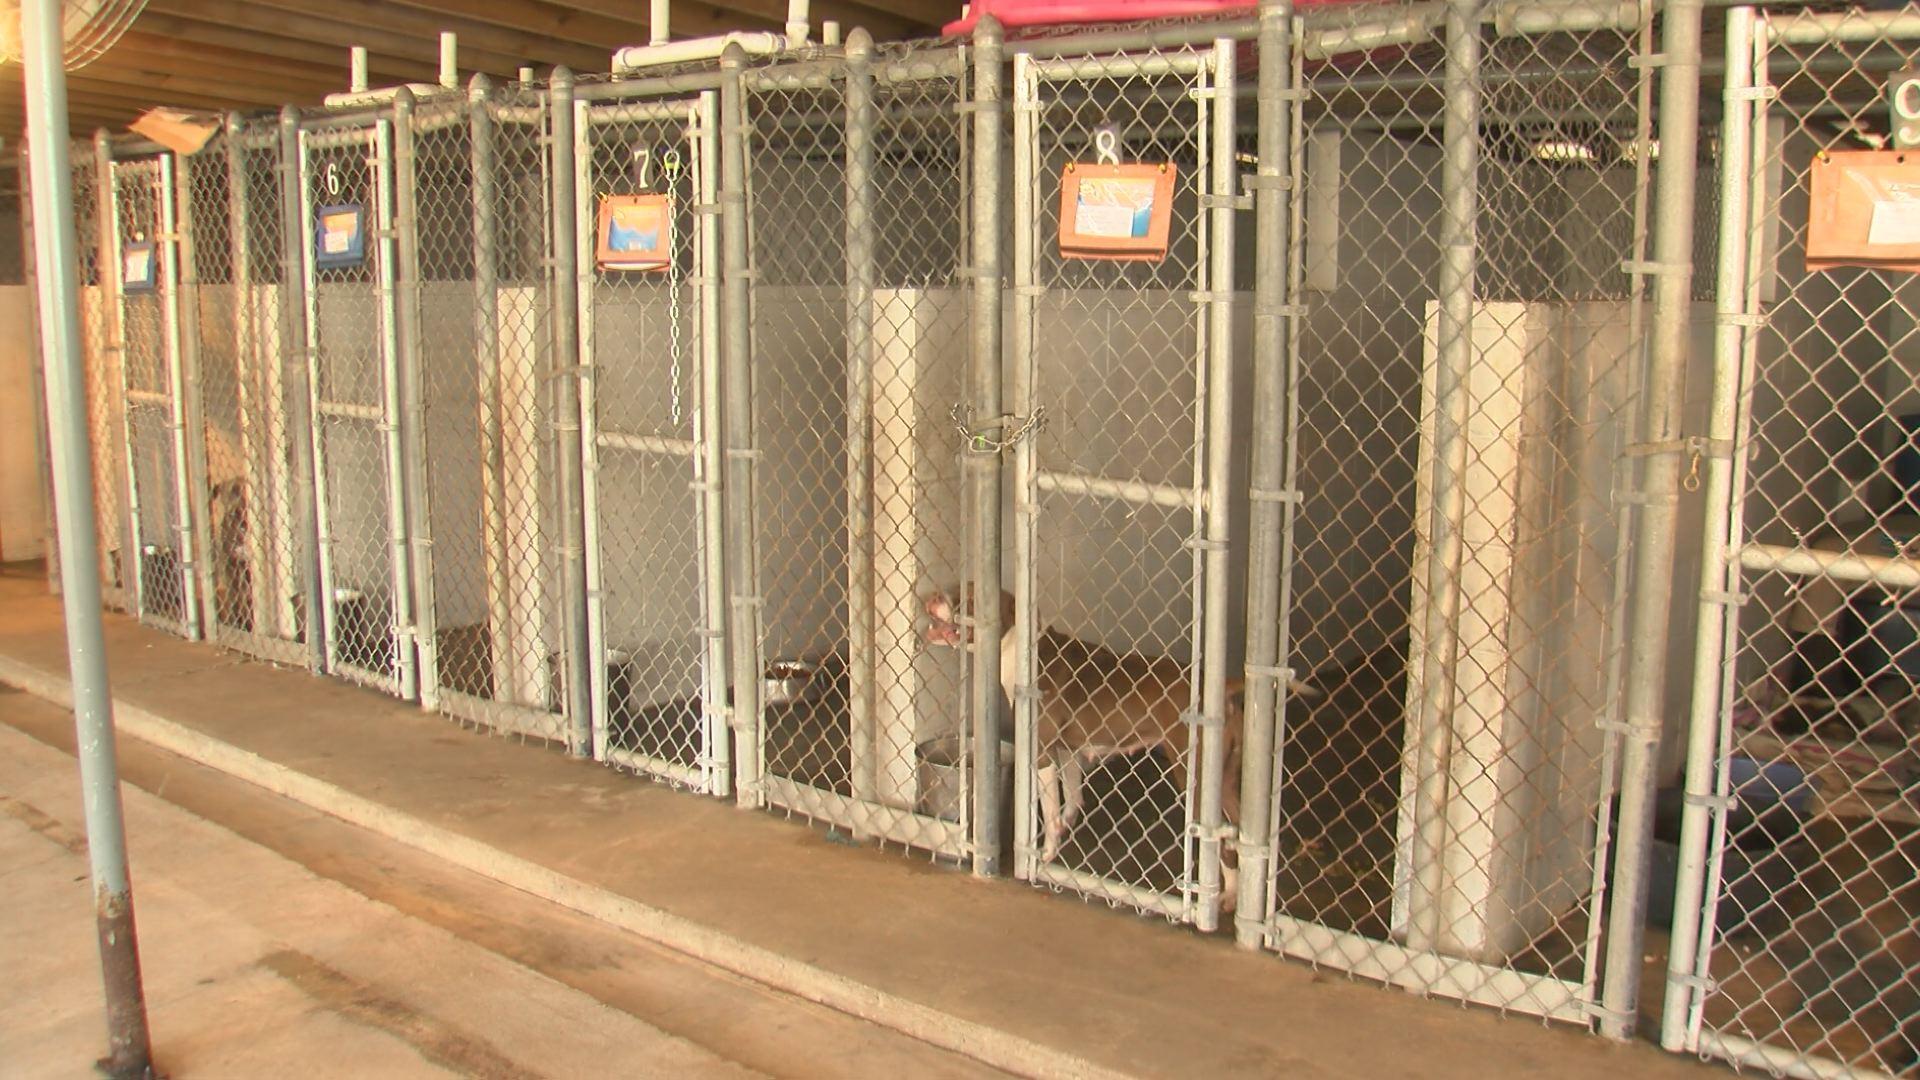 bertie county animal shelter_1522660772735.jpg.jpg